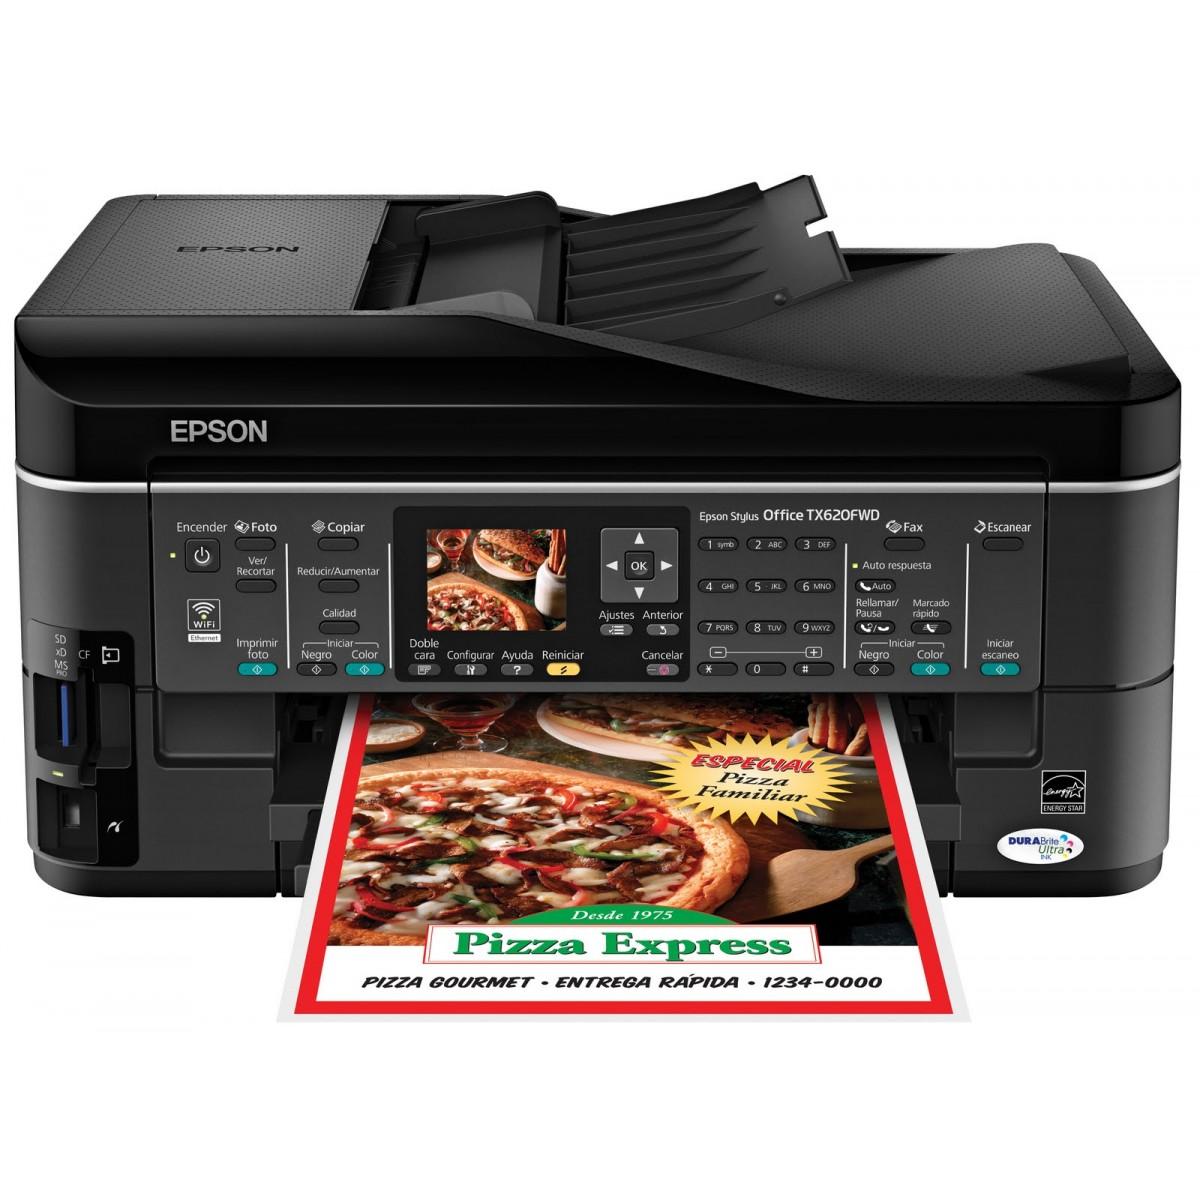 Impressora Epson TX620 + Kit Bulk Ink (Não instalado)